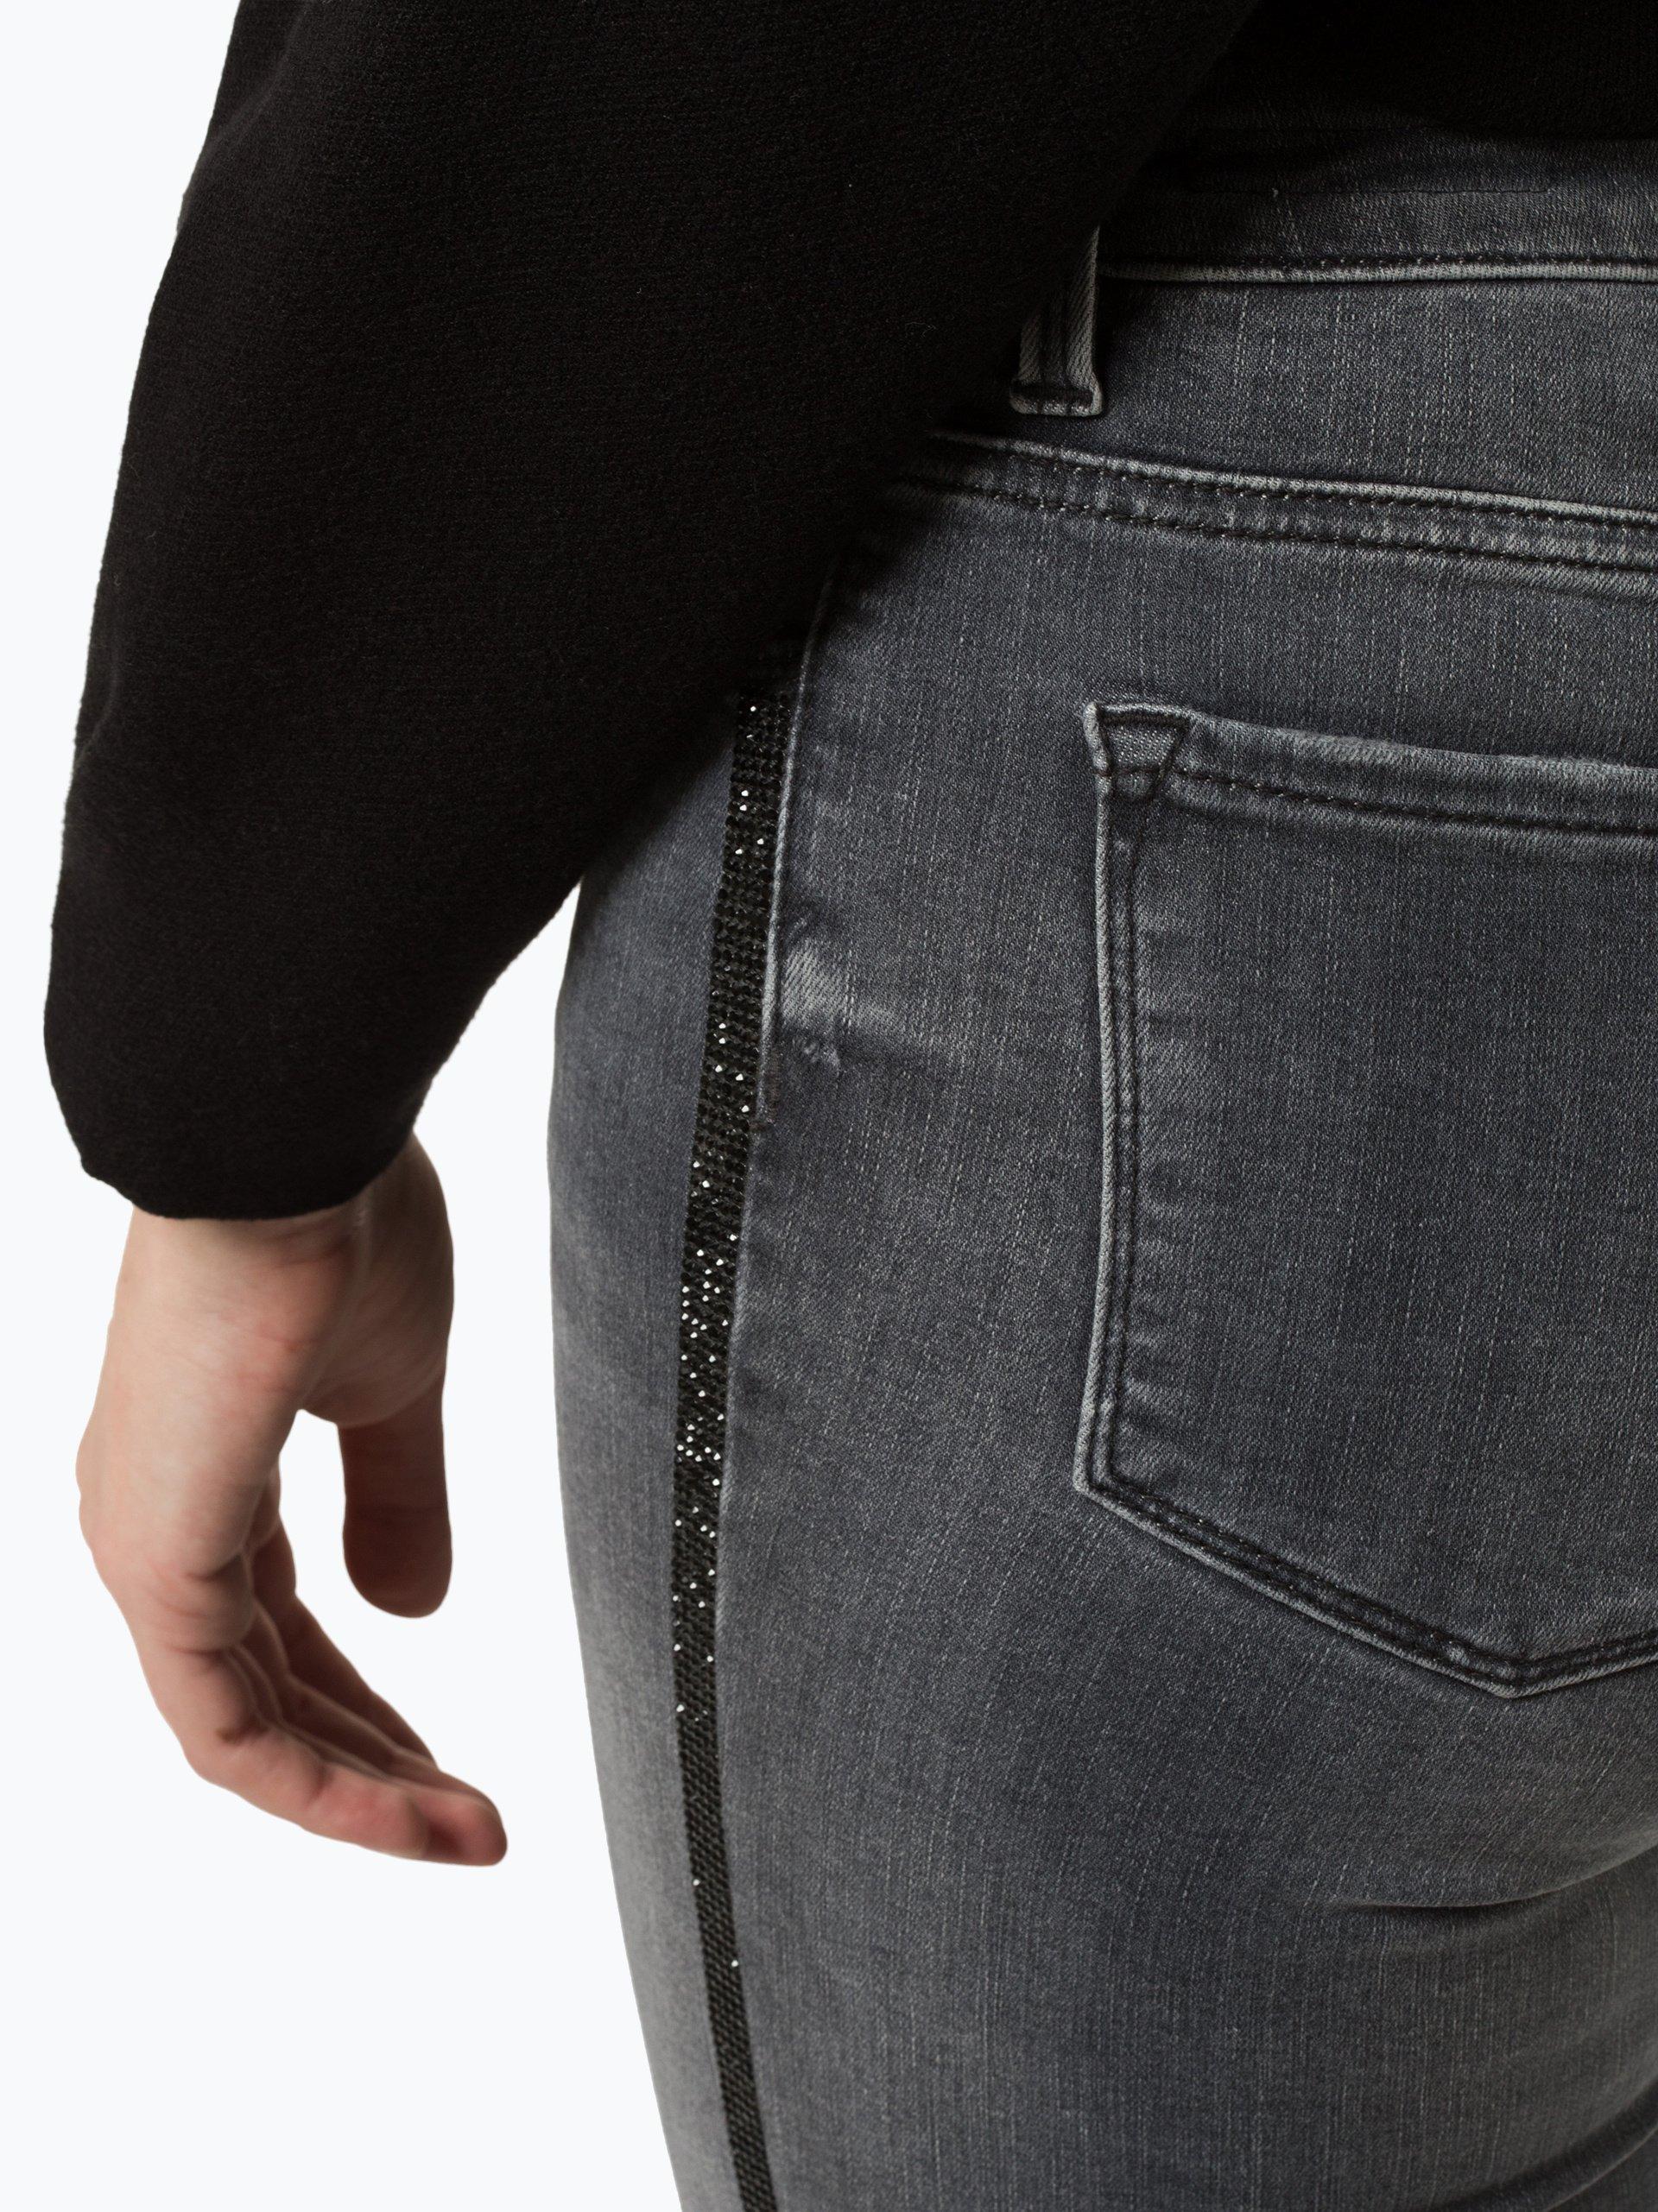 6be54d5a2fbb7 Opus Damen Jeans - Elma Glitter Stripe online kaufen